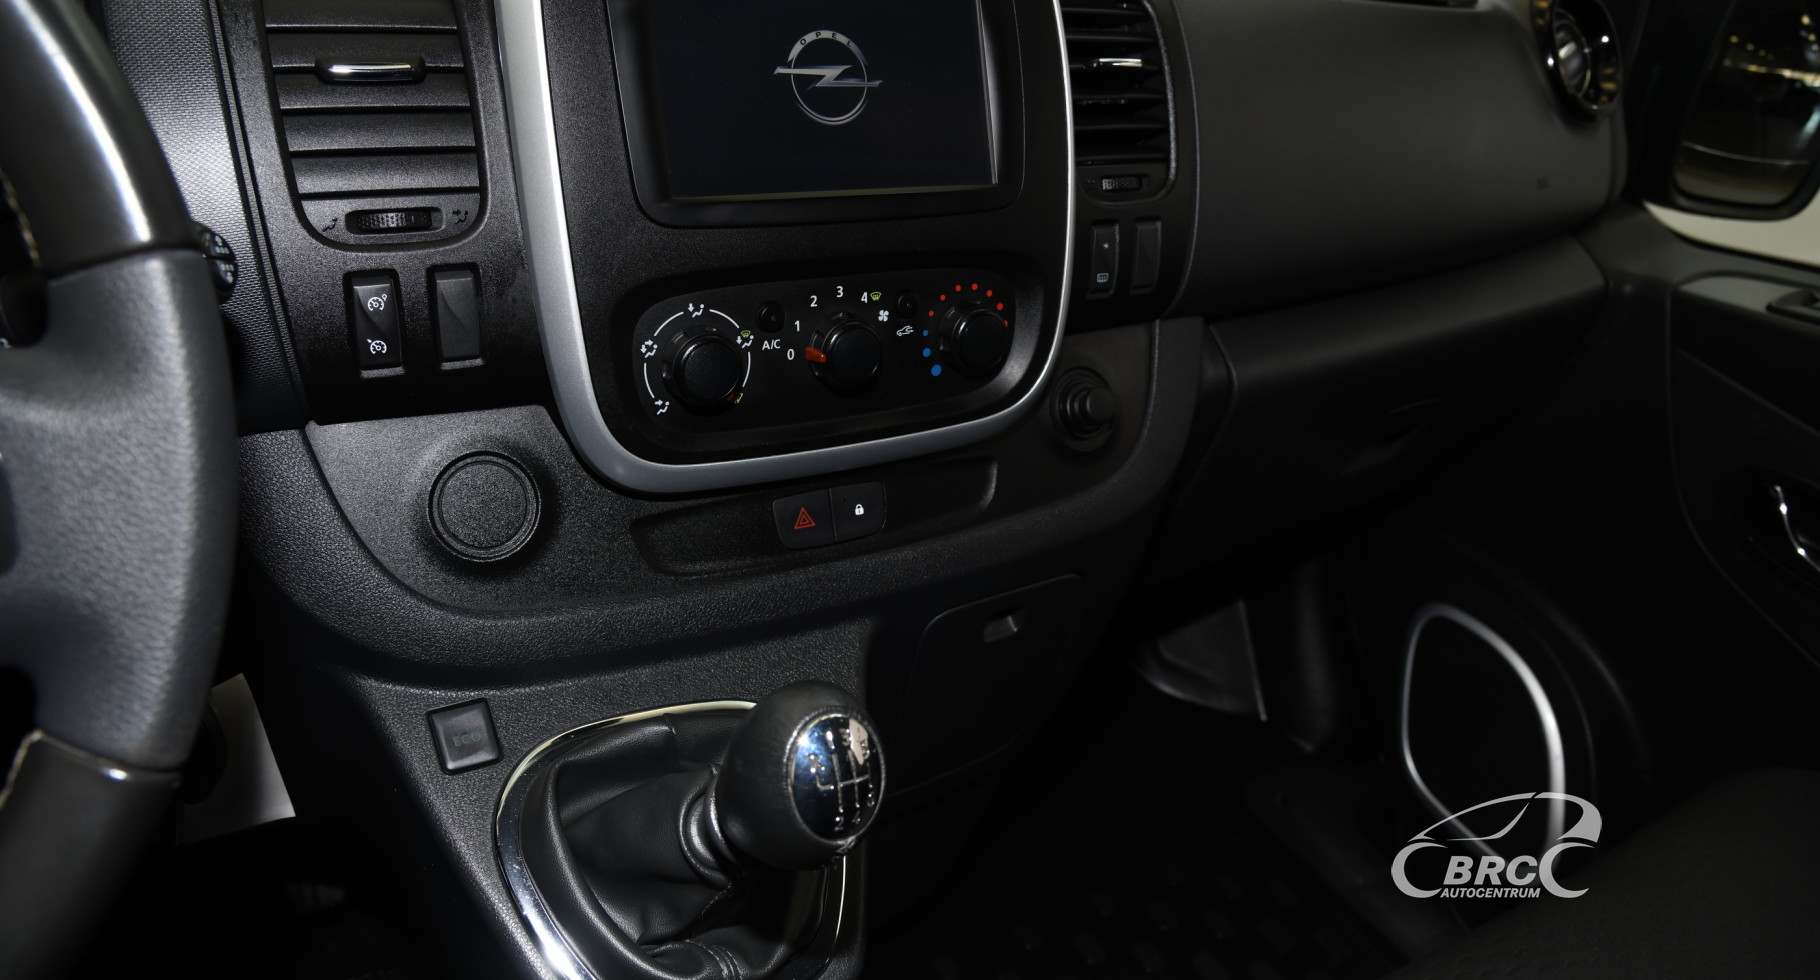 Opel Vivaro B CDTi